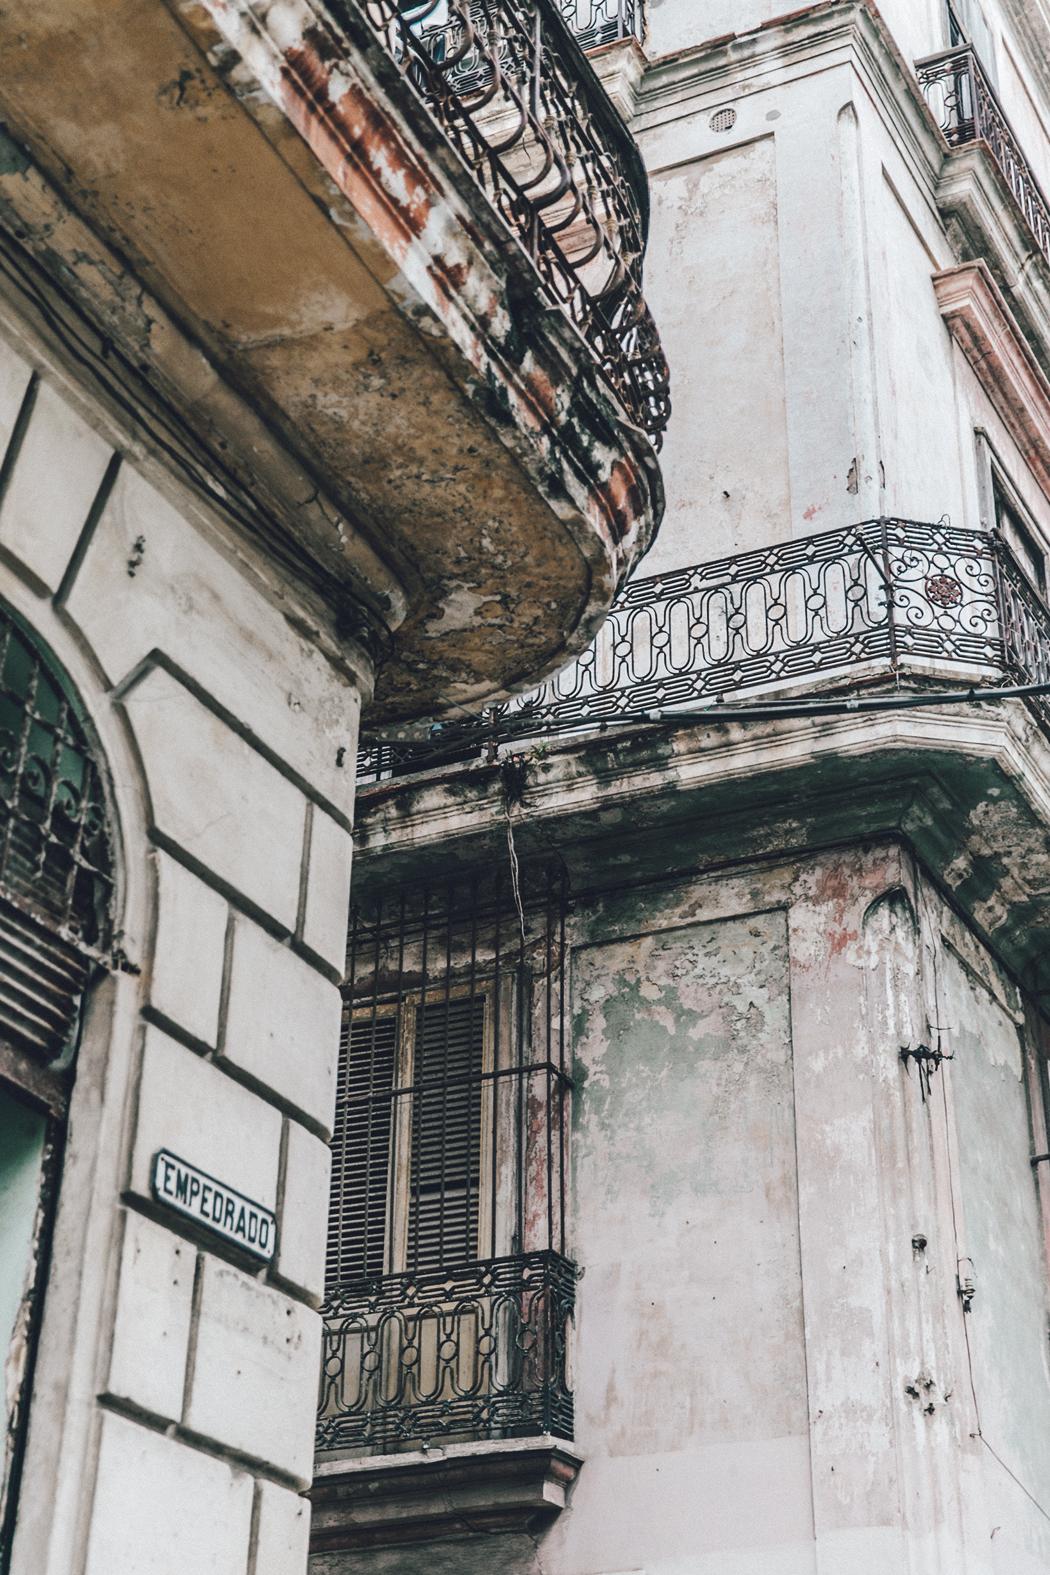 Cuba-La_Habana_Vieja-Hearts_Dress-Styled_By_Me-Aloha_Espadrilles-Outfit-Street_Style-Dress-Backpack-59